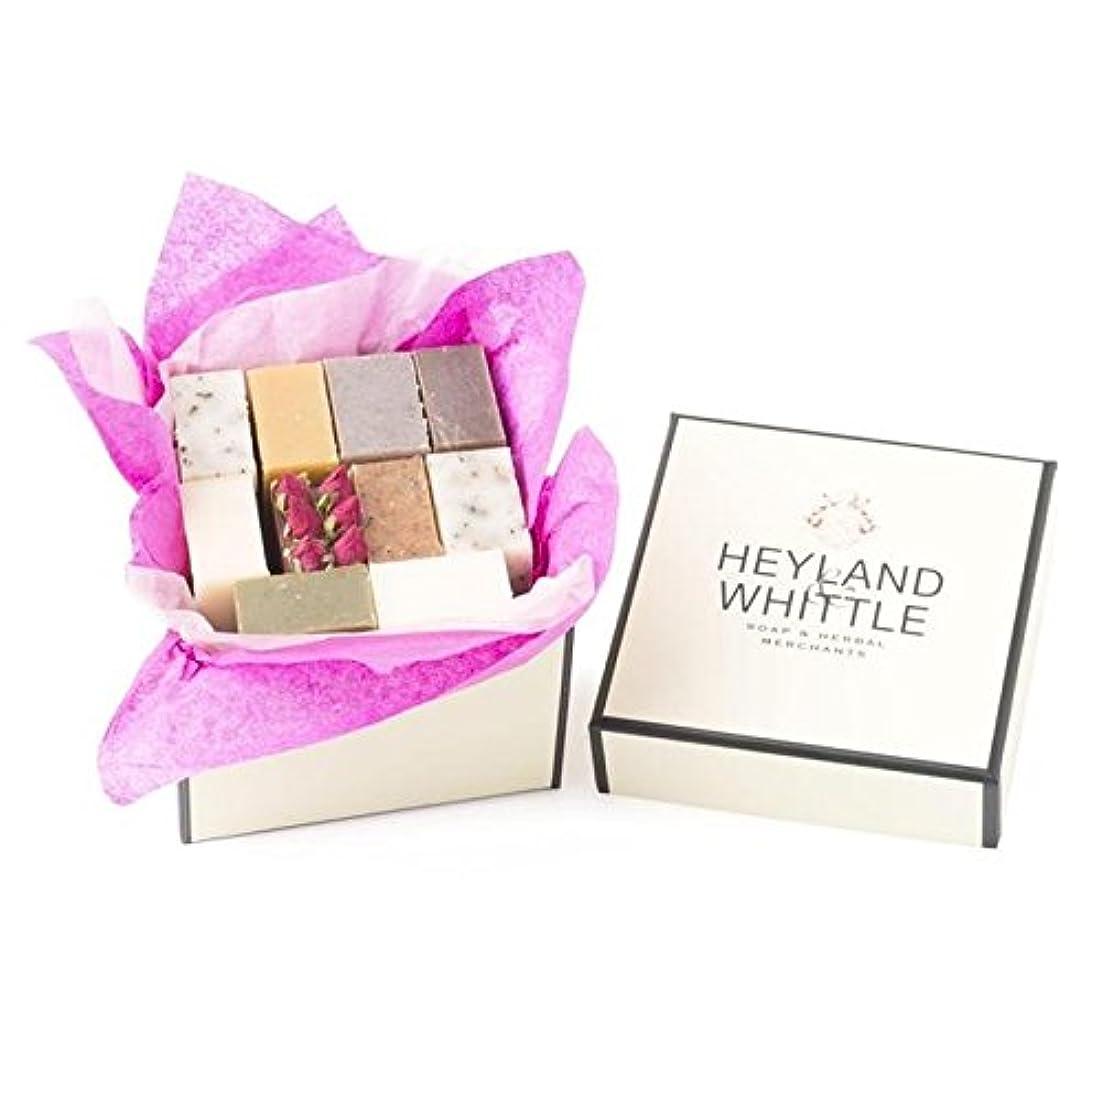 タクト快適孤独なHeyland & Whittle Soap Gift Box, Small (Pack of 6) - 小さな&削るソープギフトボックス、 x6 [並行輸入品]